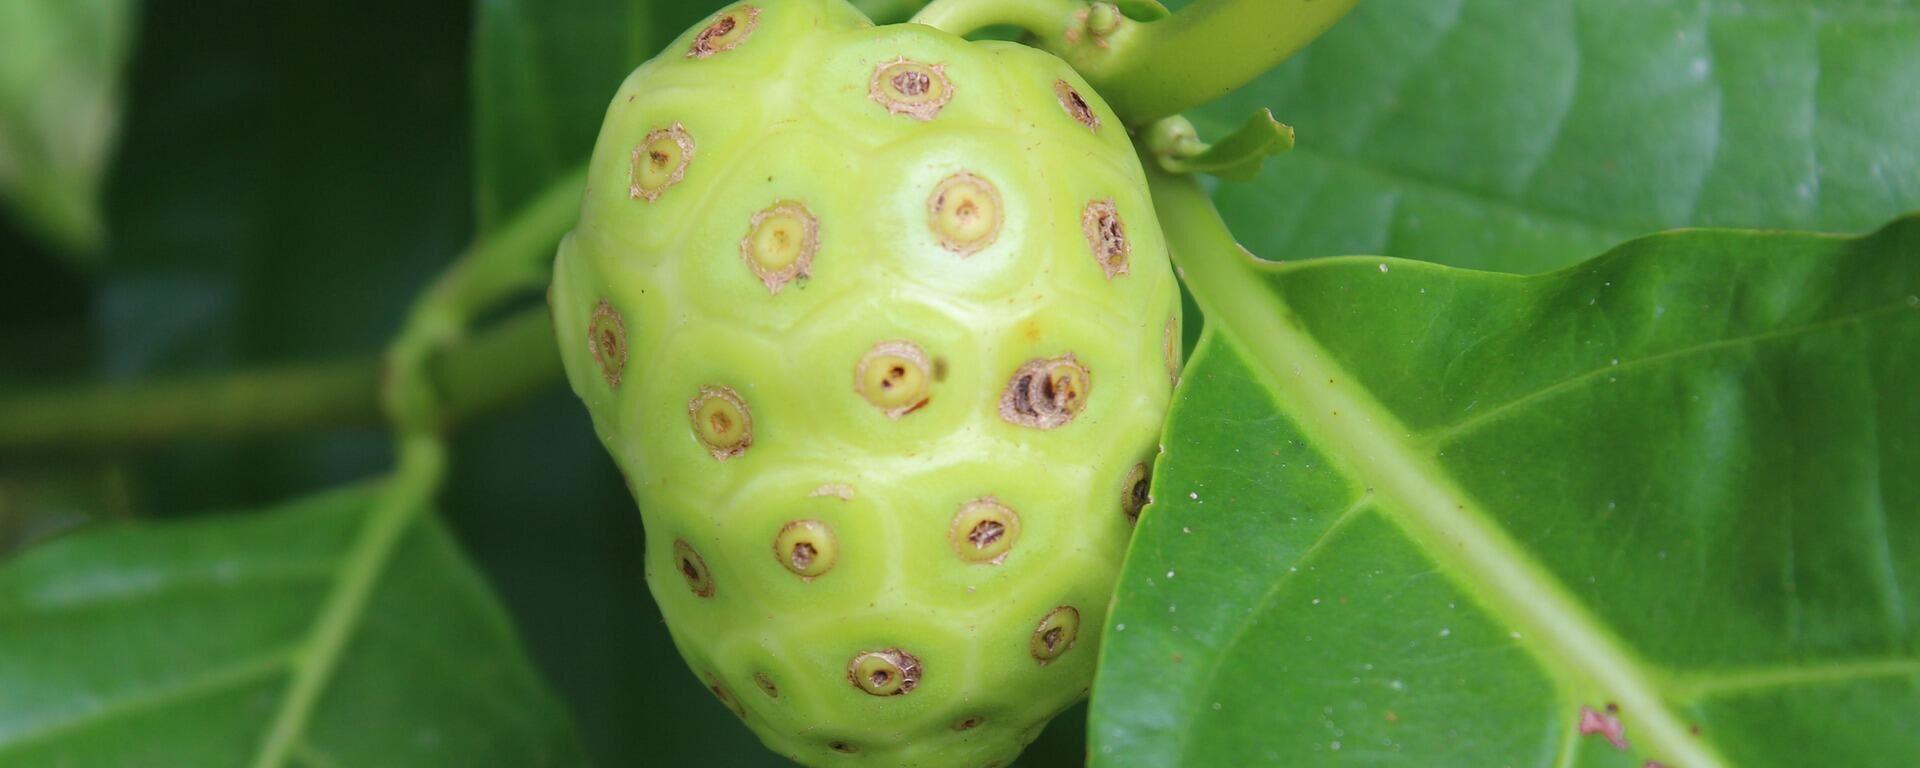 Noni, la exótica fruta proveniente de la polinesia  - Sputnik Mundo, 1920, 09.08.2021